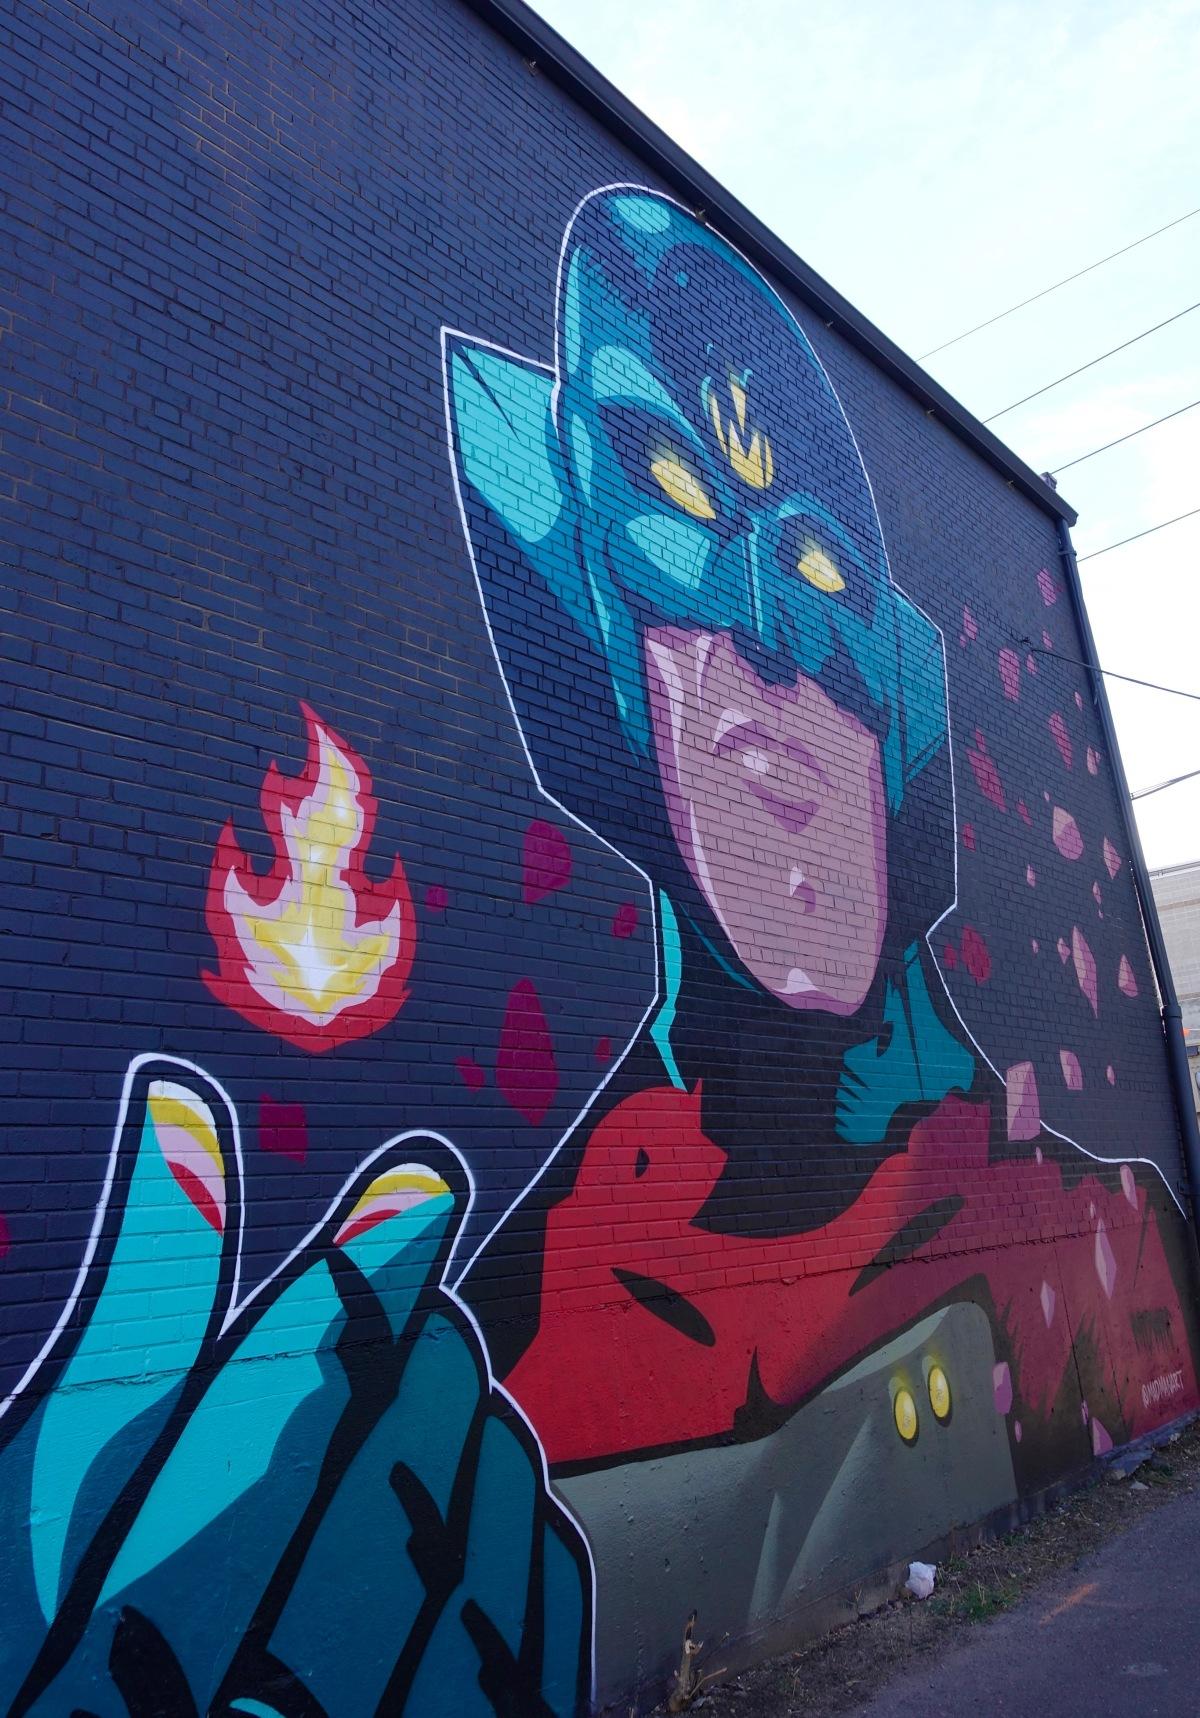 MDMN mural street art Denver